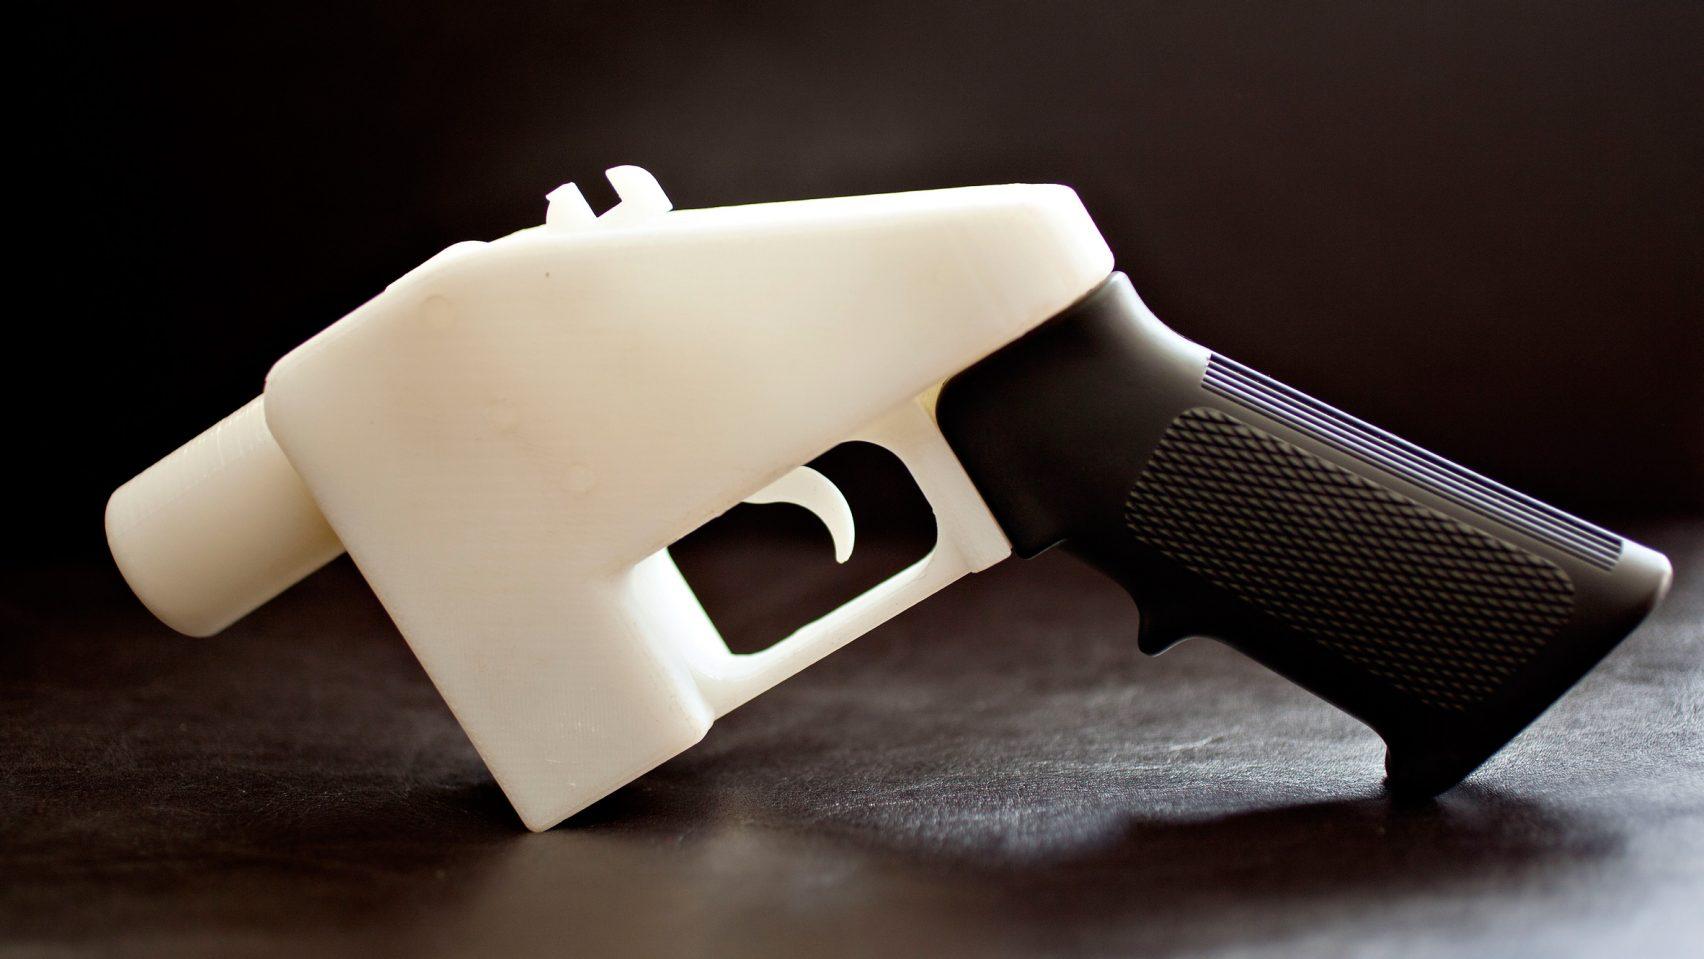 HPが自社の3Dプリンターを3Dプリント銃の製造に使わせないとするコメントを発表